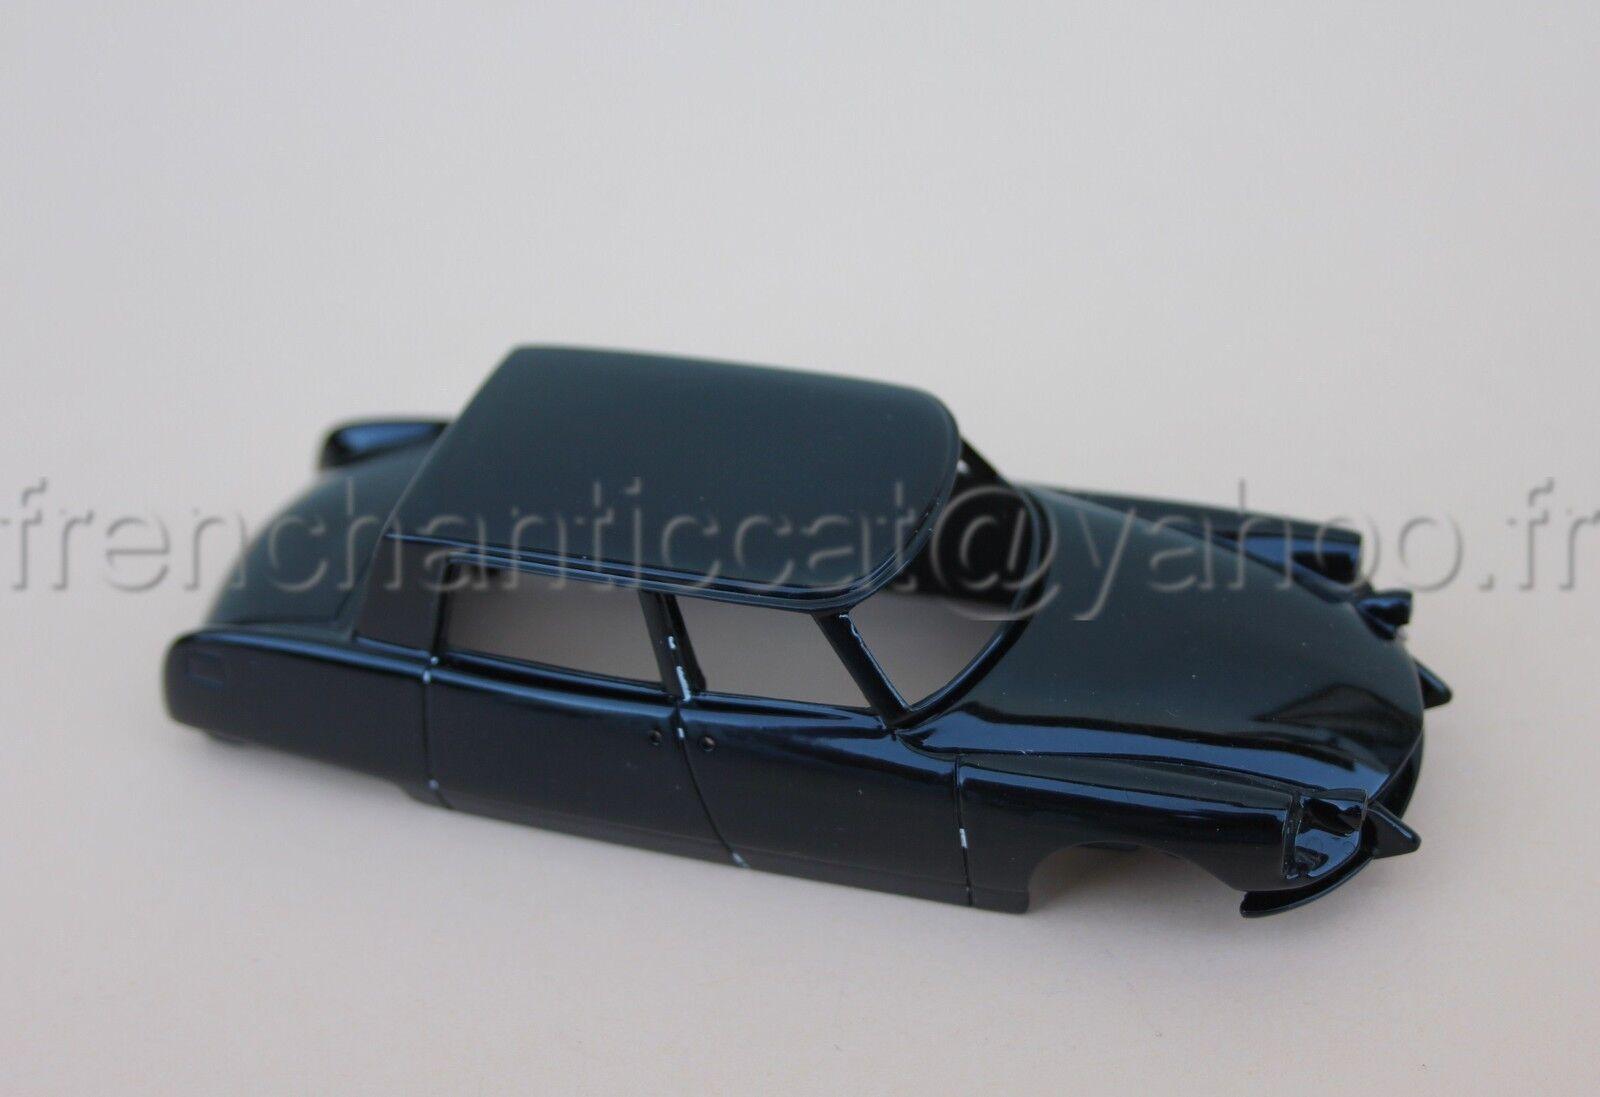 JJ Voiture Citroën DS Majesty berline Chapron 21 coque 1 43 Heco miniature noir